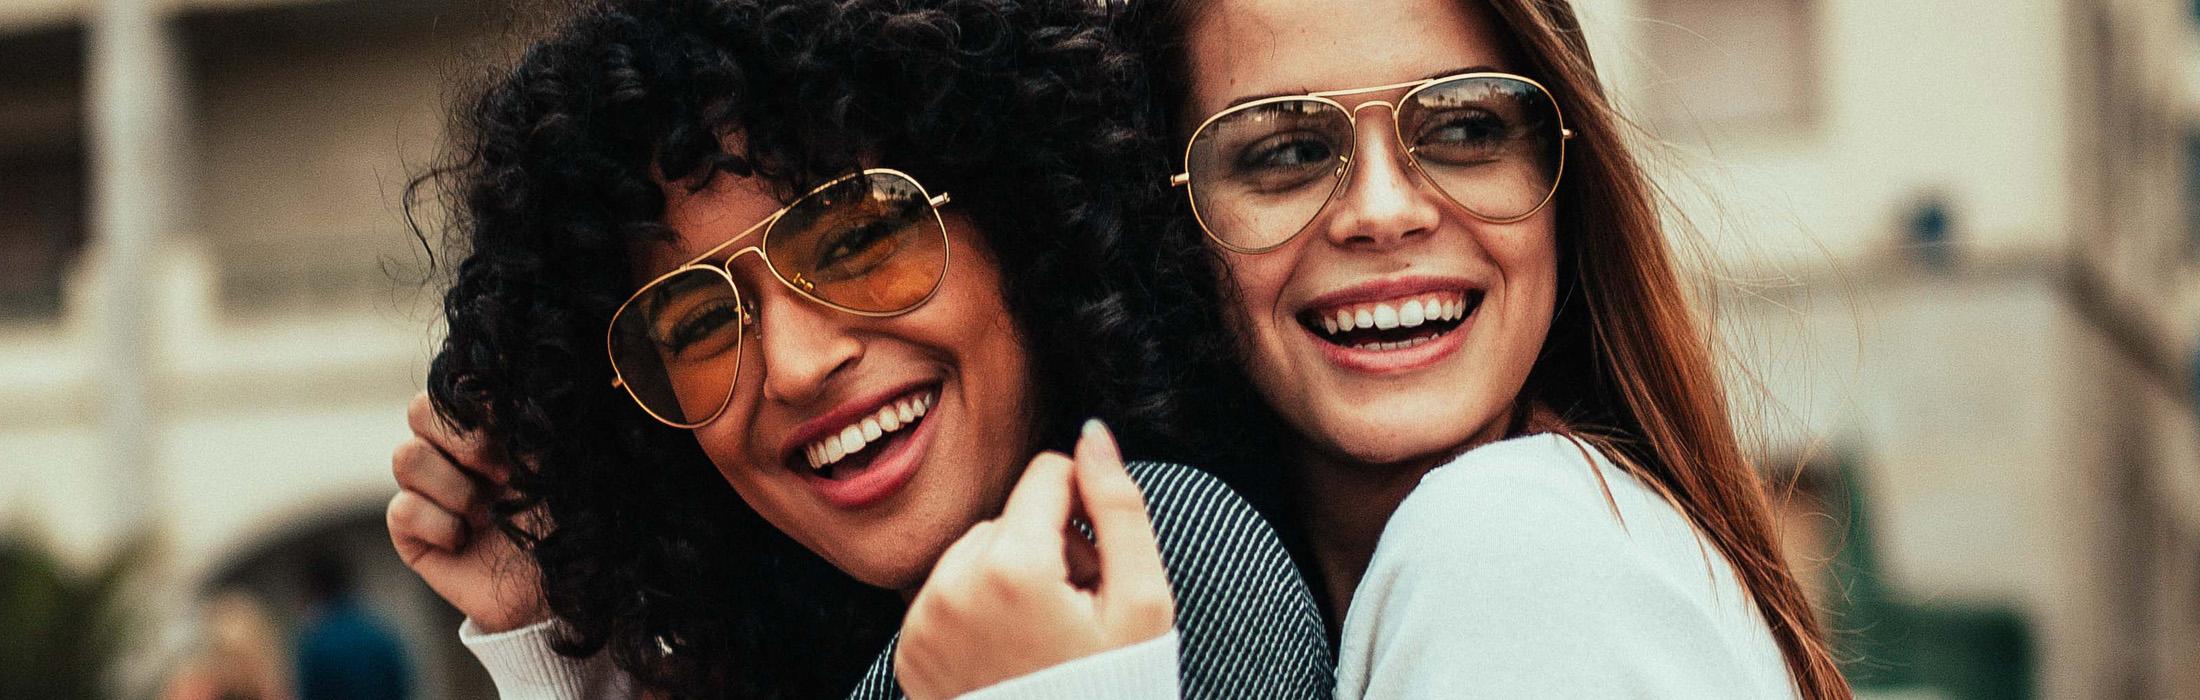 3250542b80 Gafas de sol para mujer: moda, últimas tendencias y clásicos de siempre